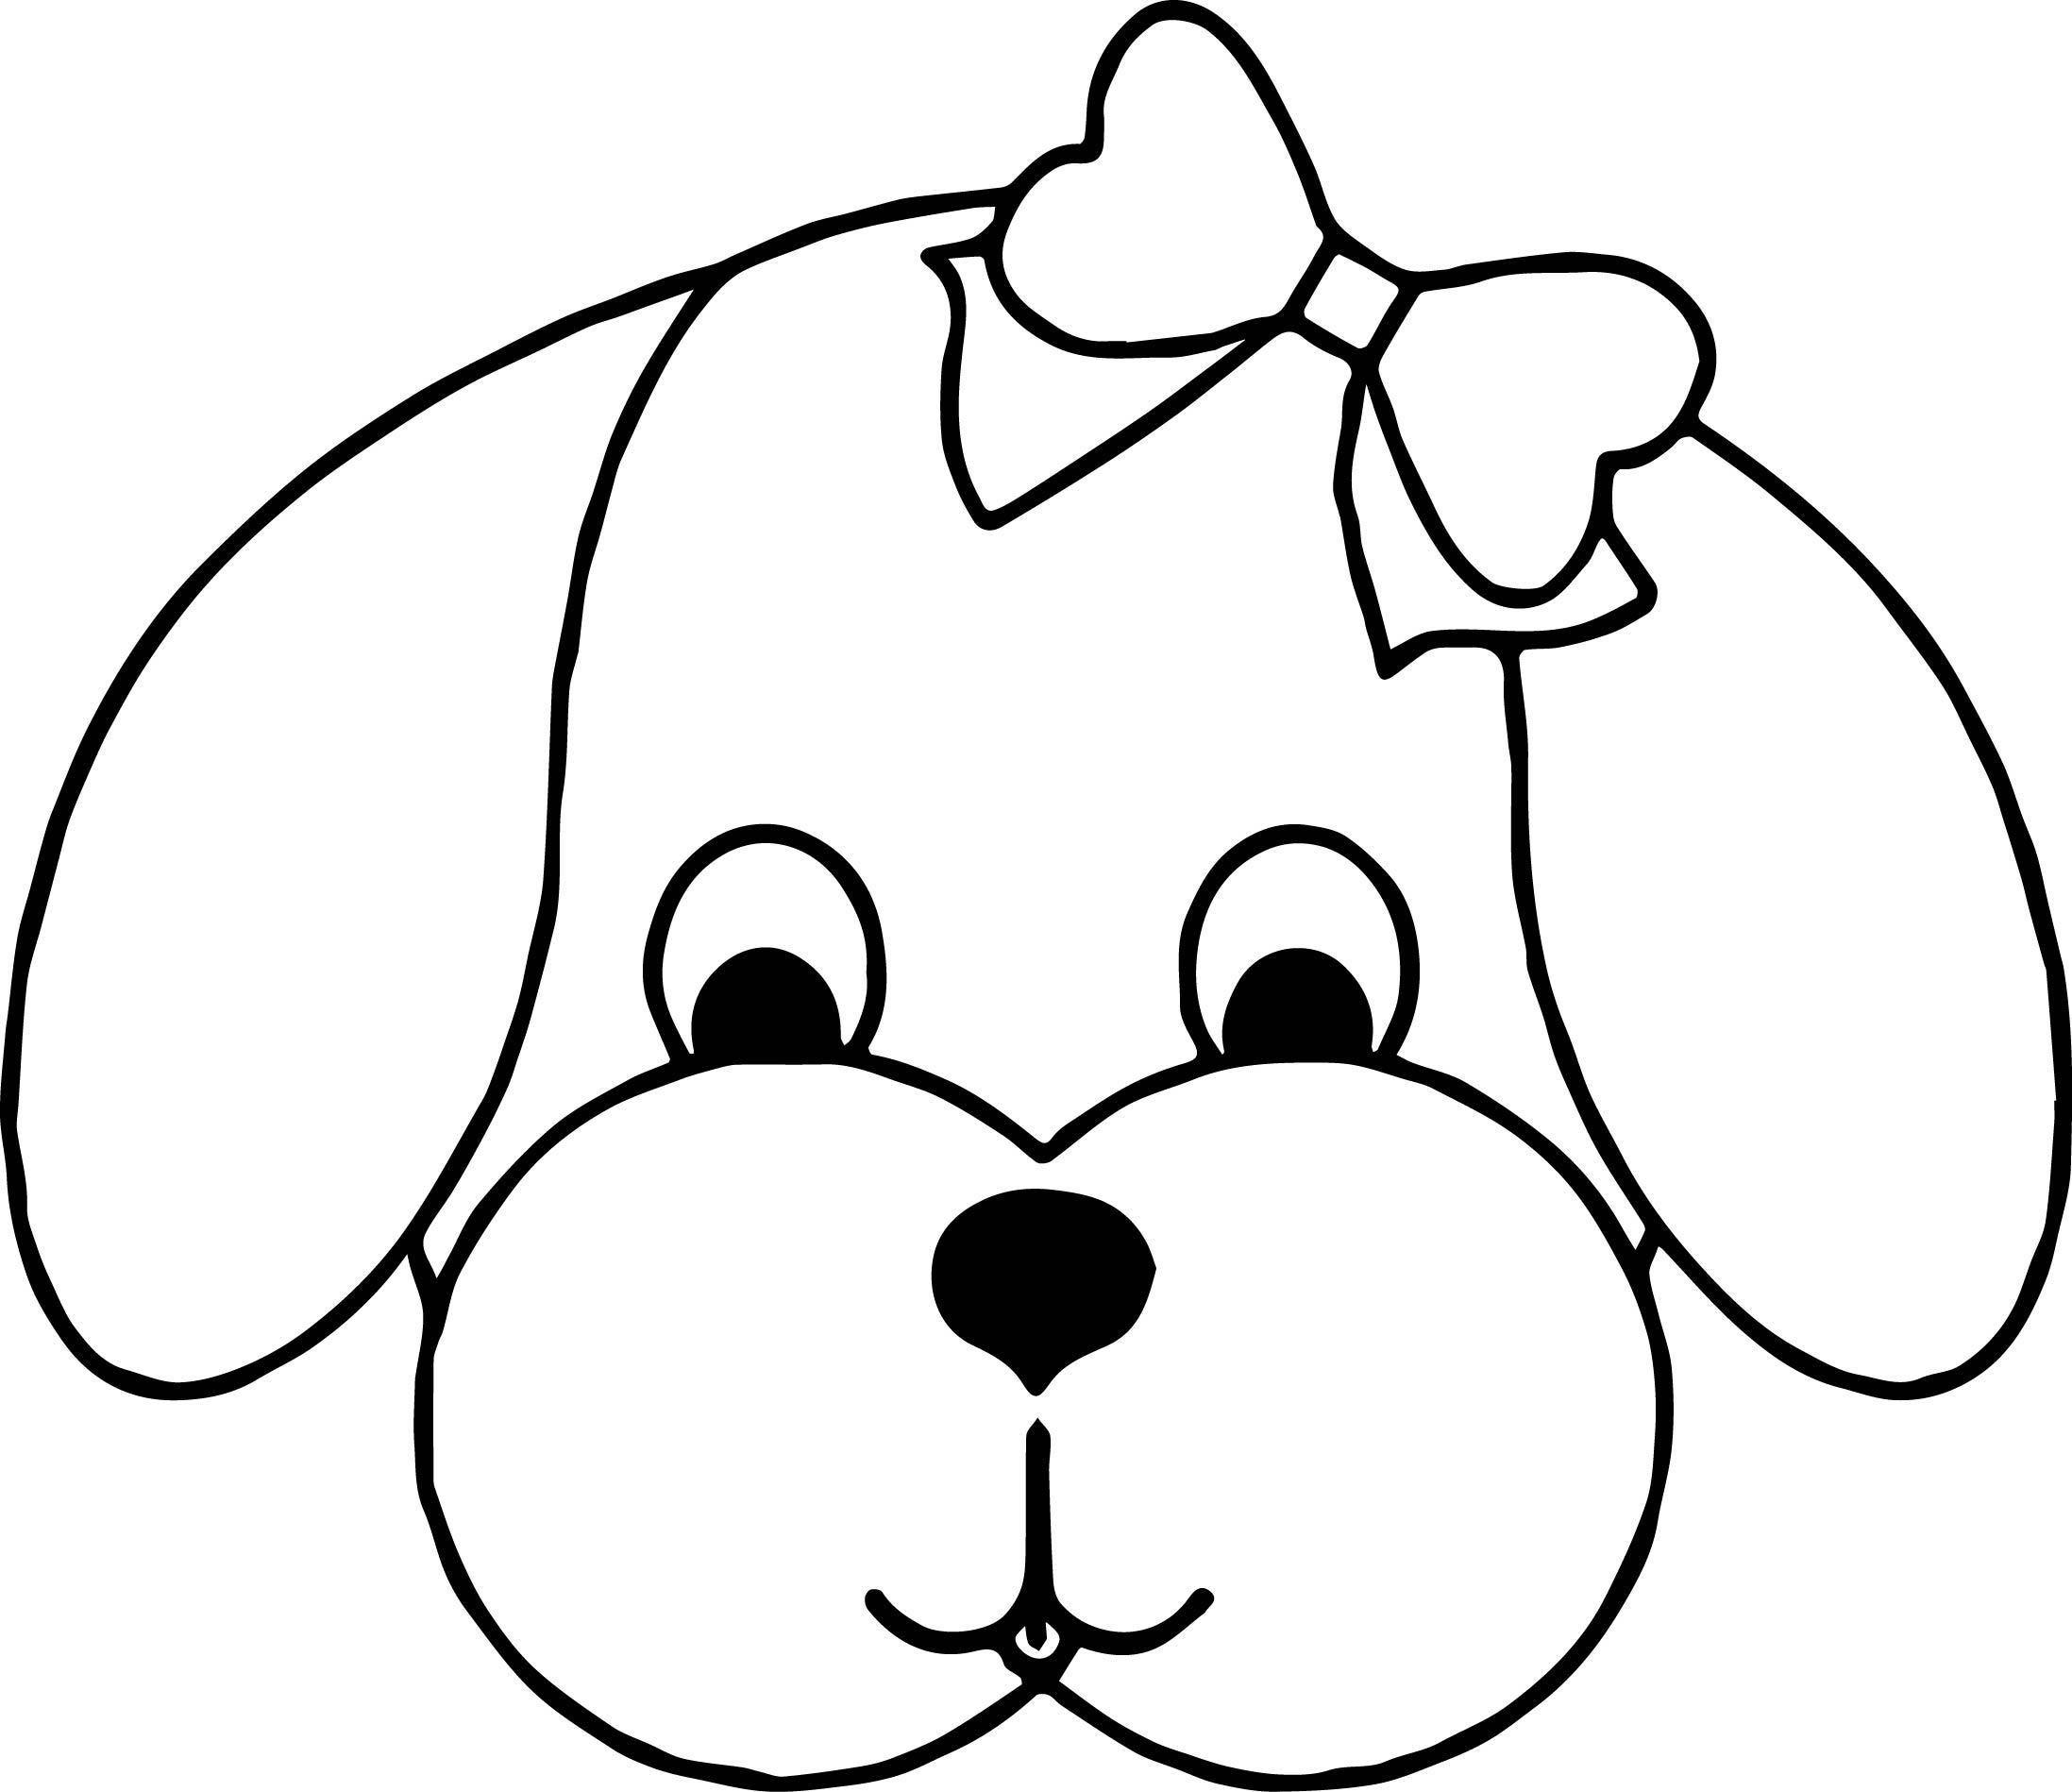 Malvorlage Hundekopf   Ausmalbilder Vorlagen für Kinder ...